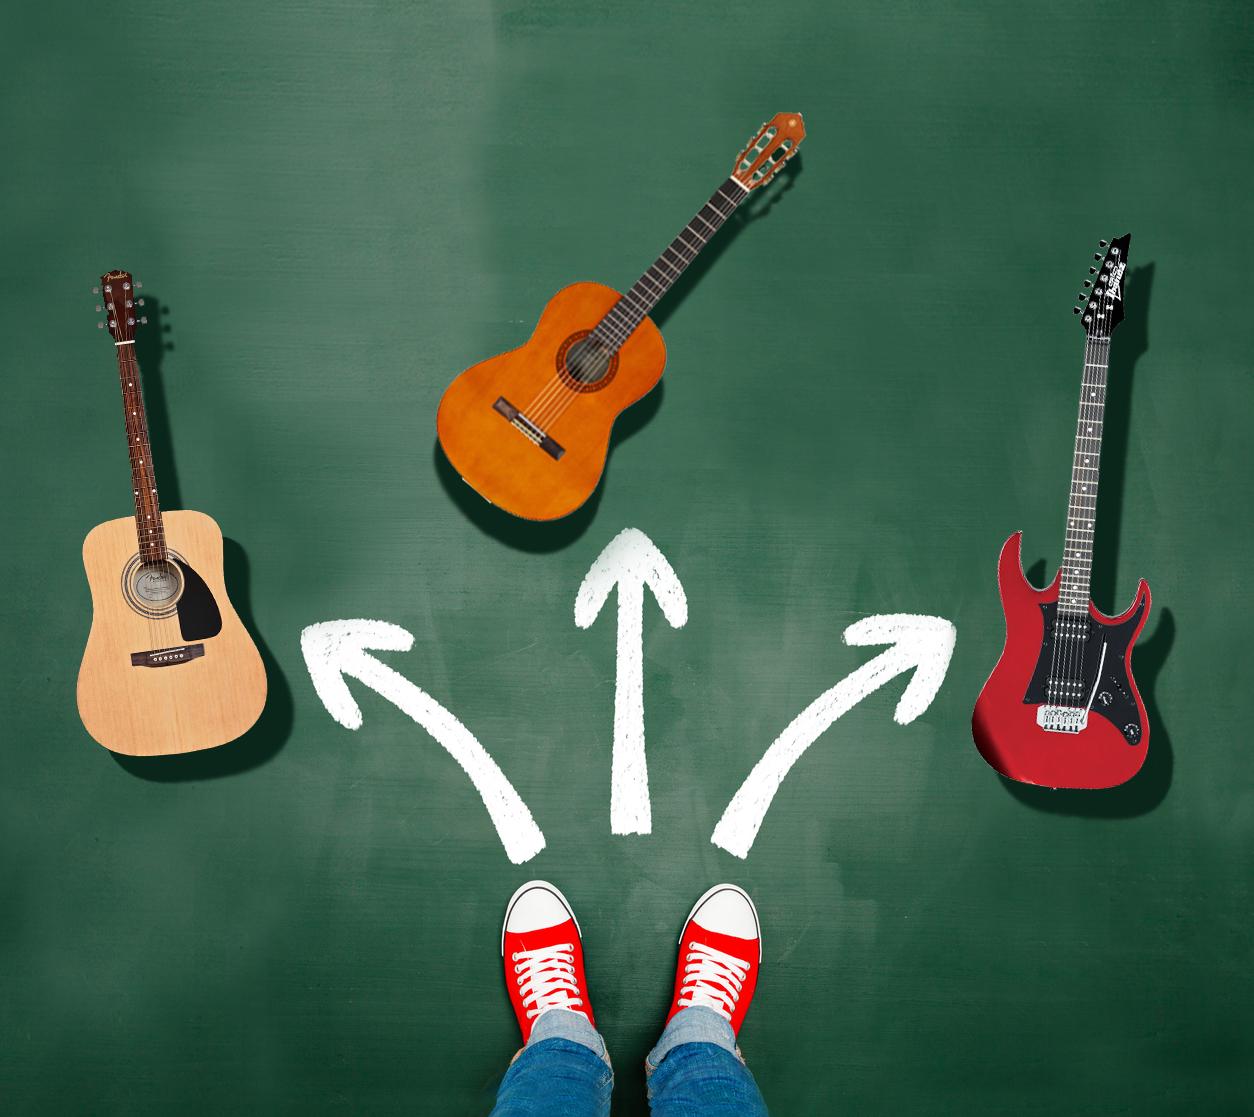 تاثیر آموزش آنلاین گیتار در یادگیری موسیقی و کاهش هزینه ها